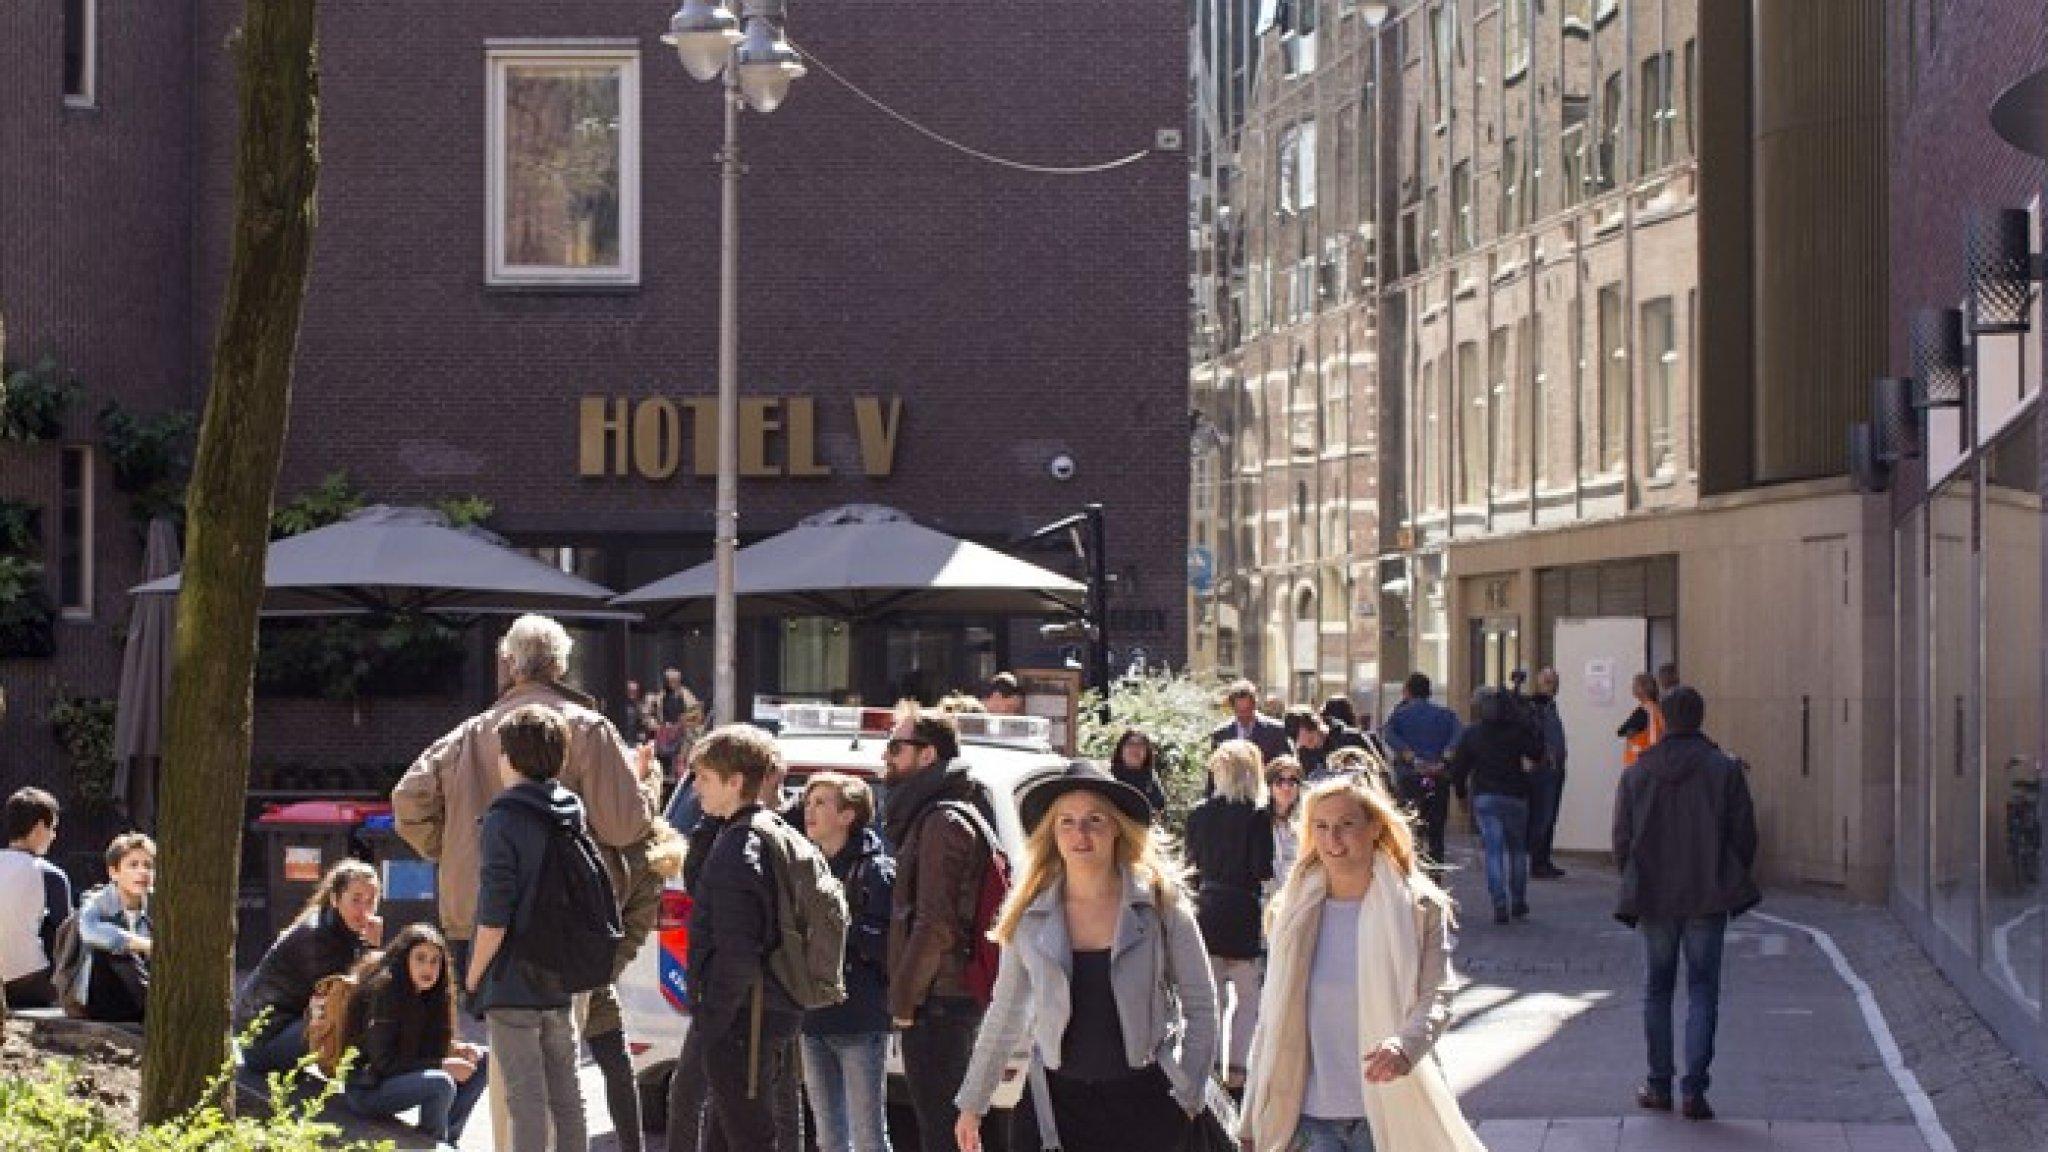 Amsterdams hotel krijgt van rechter flinke korting op de huur - RTL Nieuws